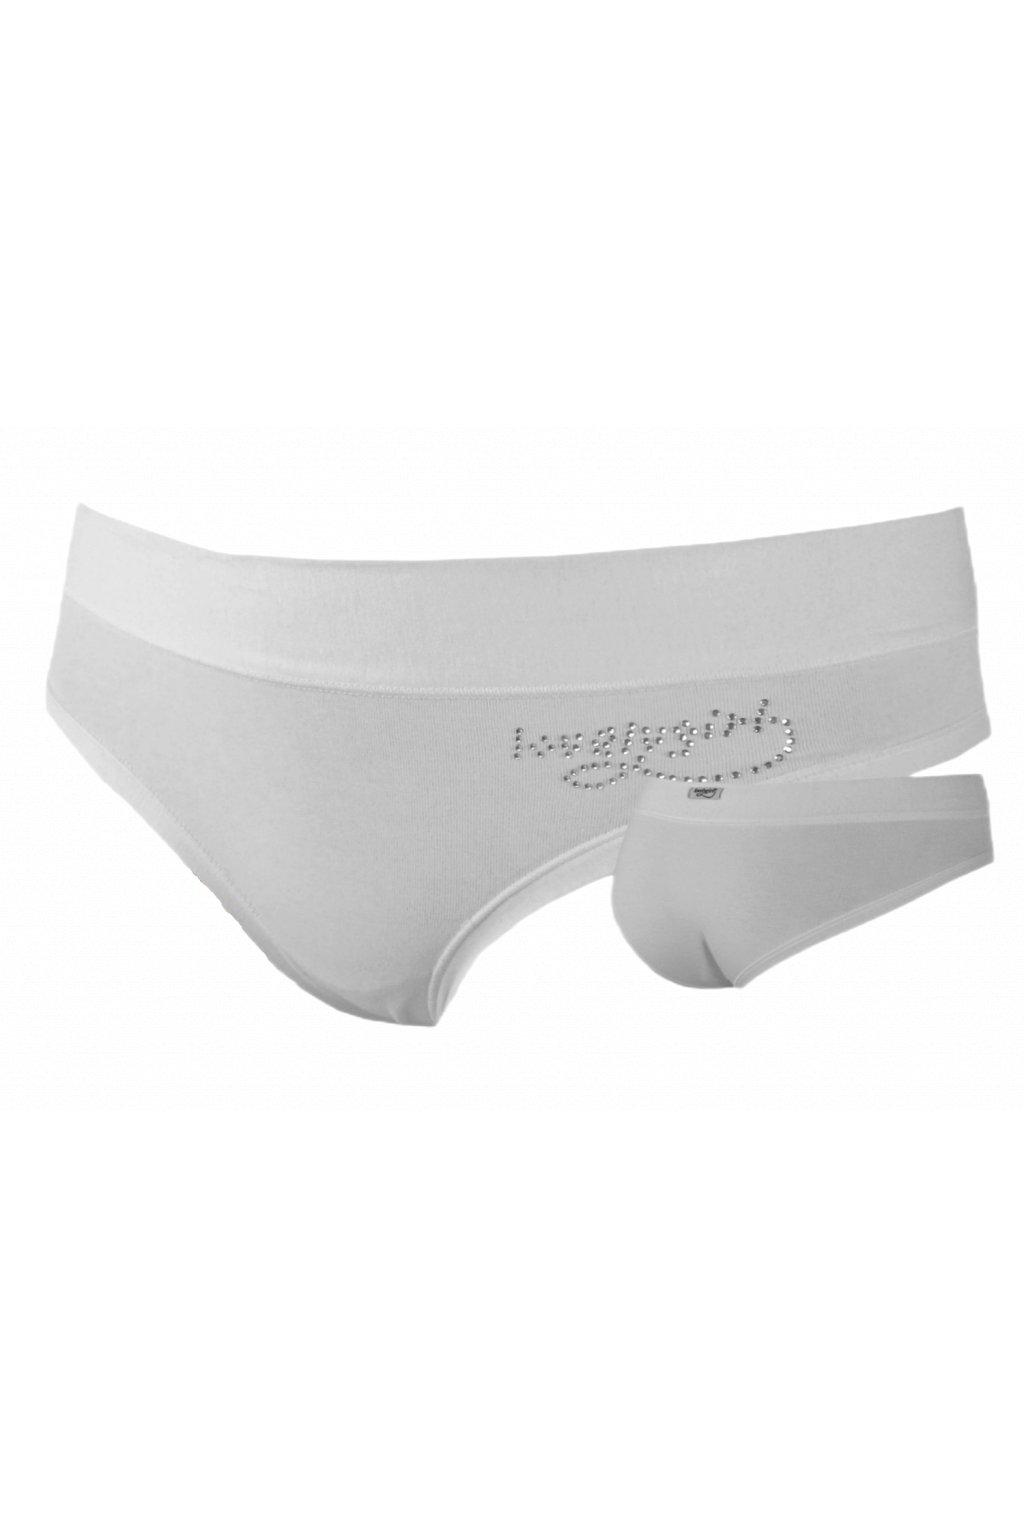 Dámské kalhotky Lovelygirl 6393 Bianco